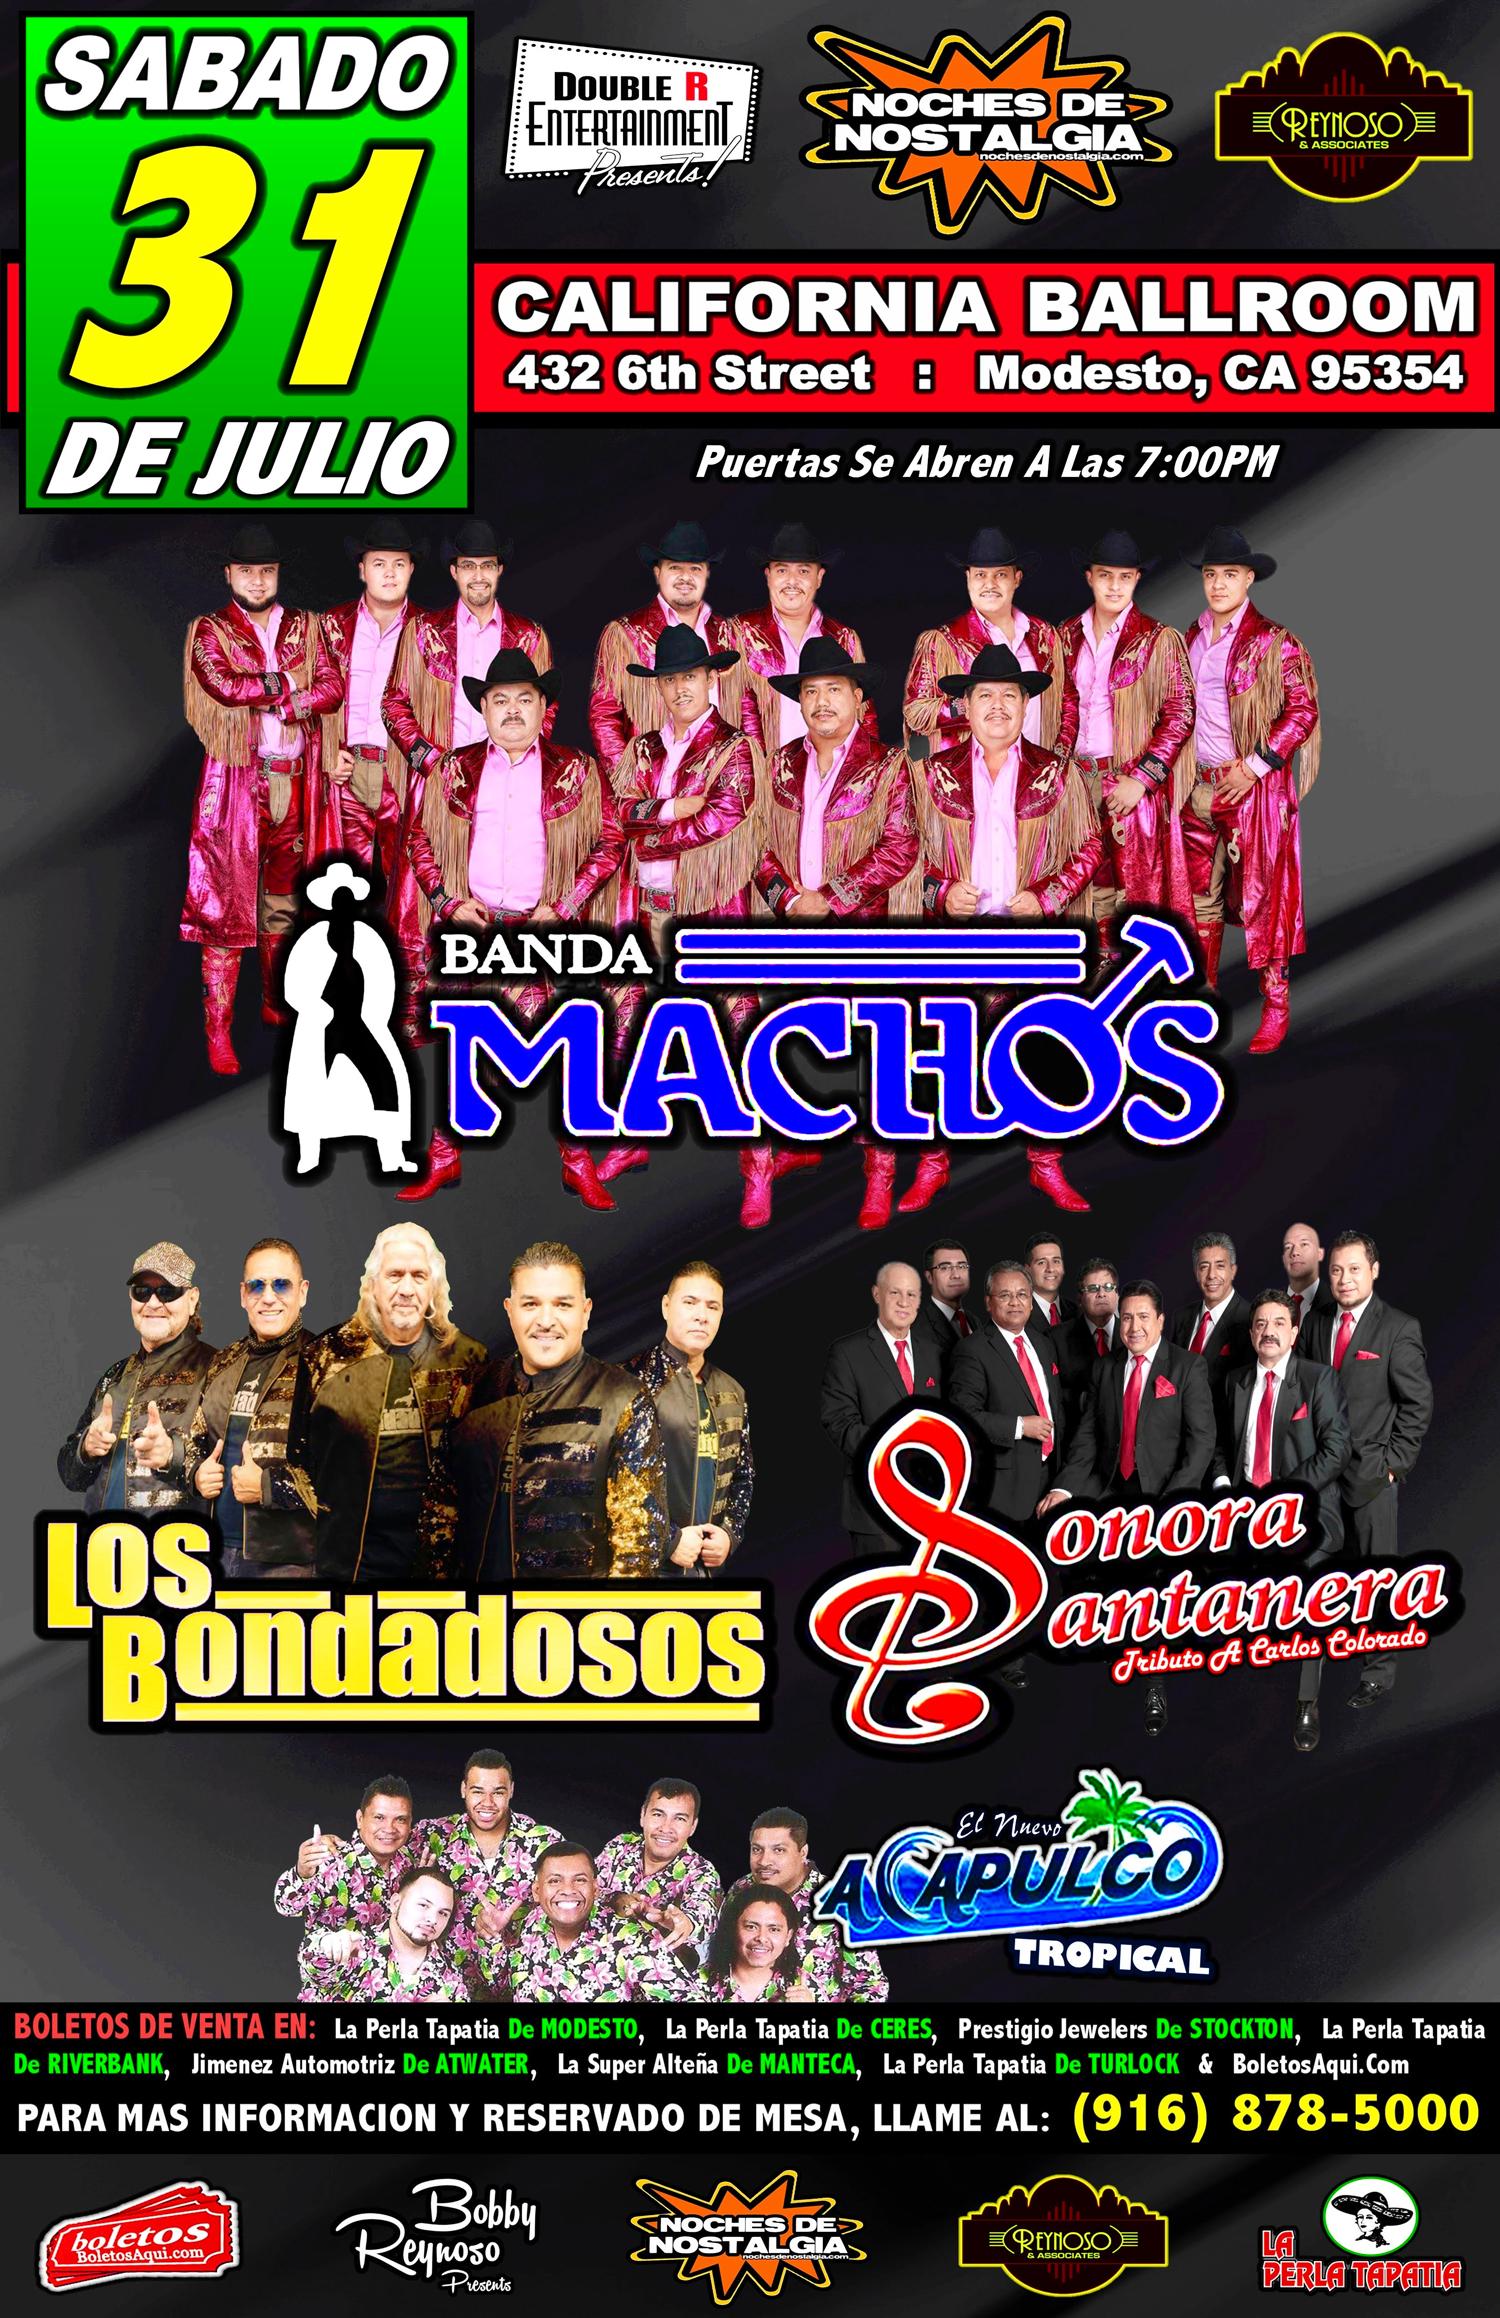 Banda Machos, Los Bondadosos, Sonora Santanera y El Nuevo Acapulco Tropical. – California Ballroom de Modesto, CA